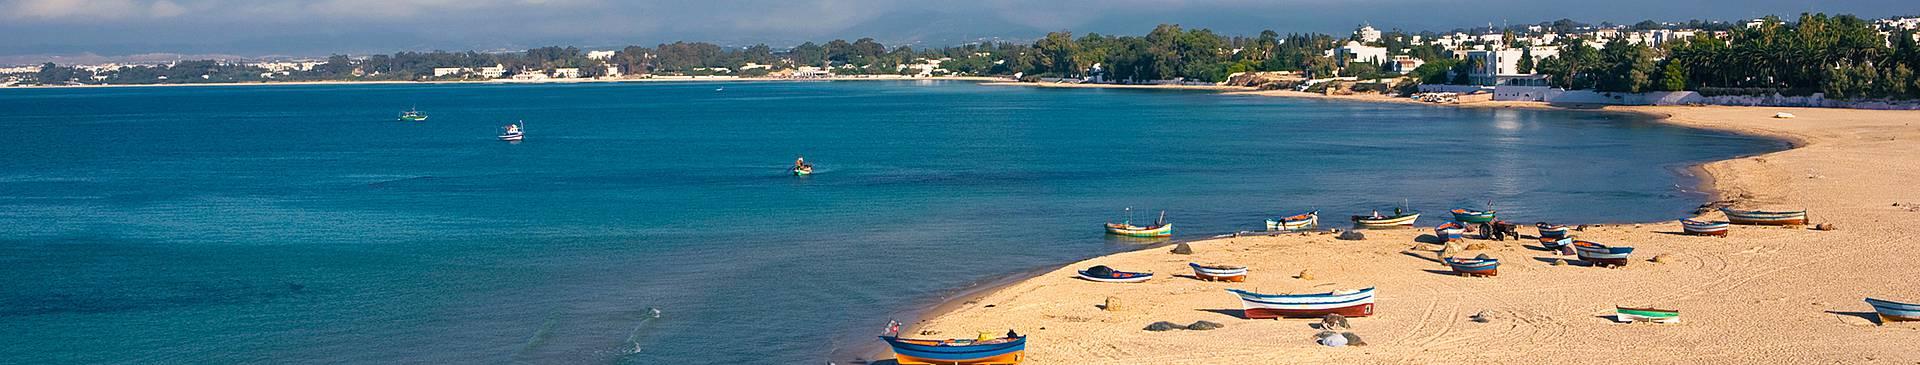 Voyage plage en Tunisie